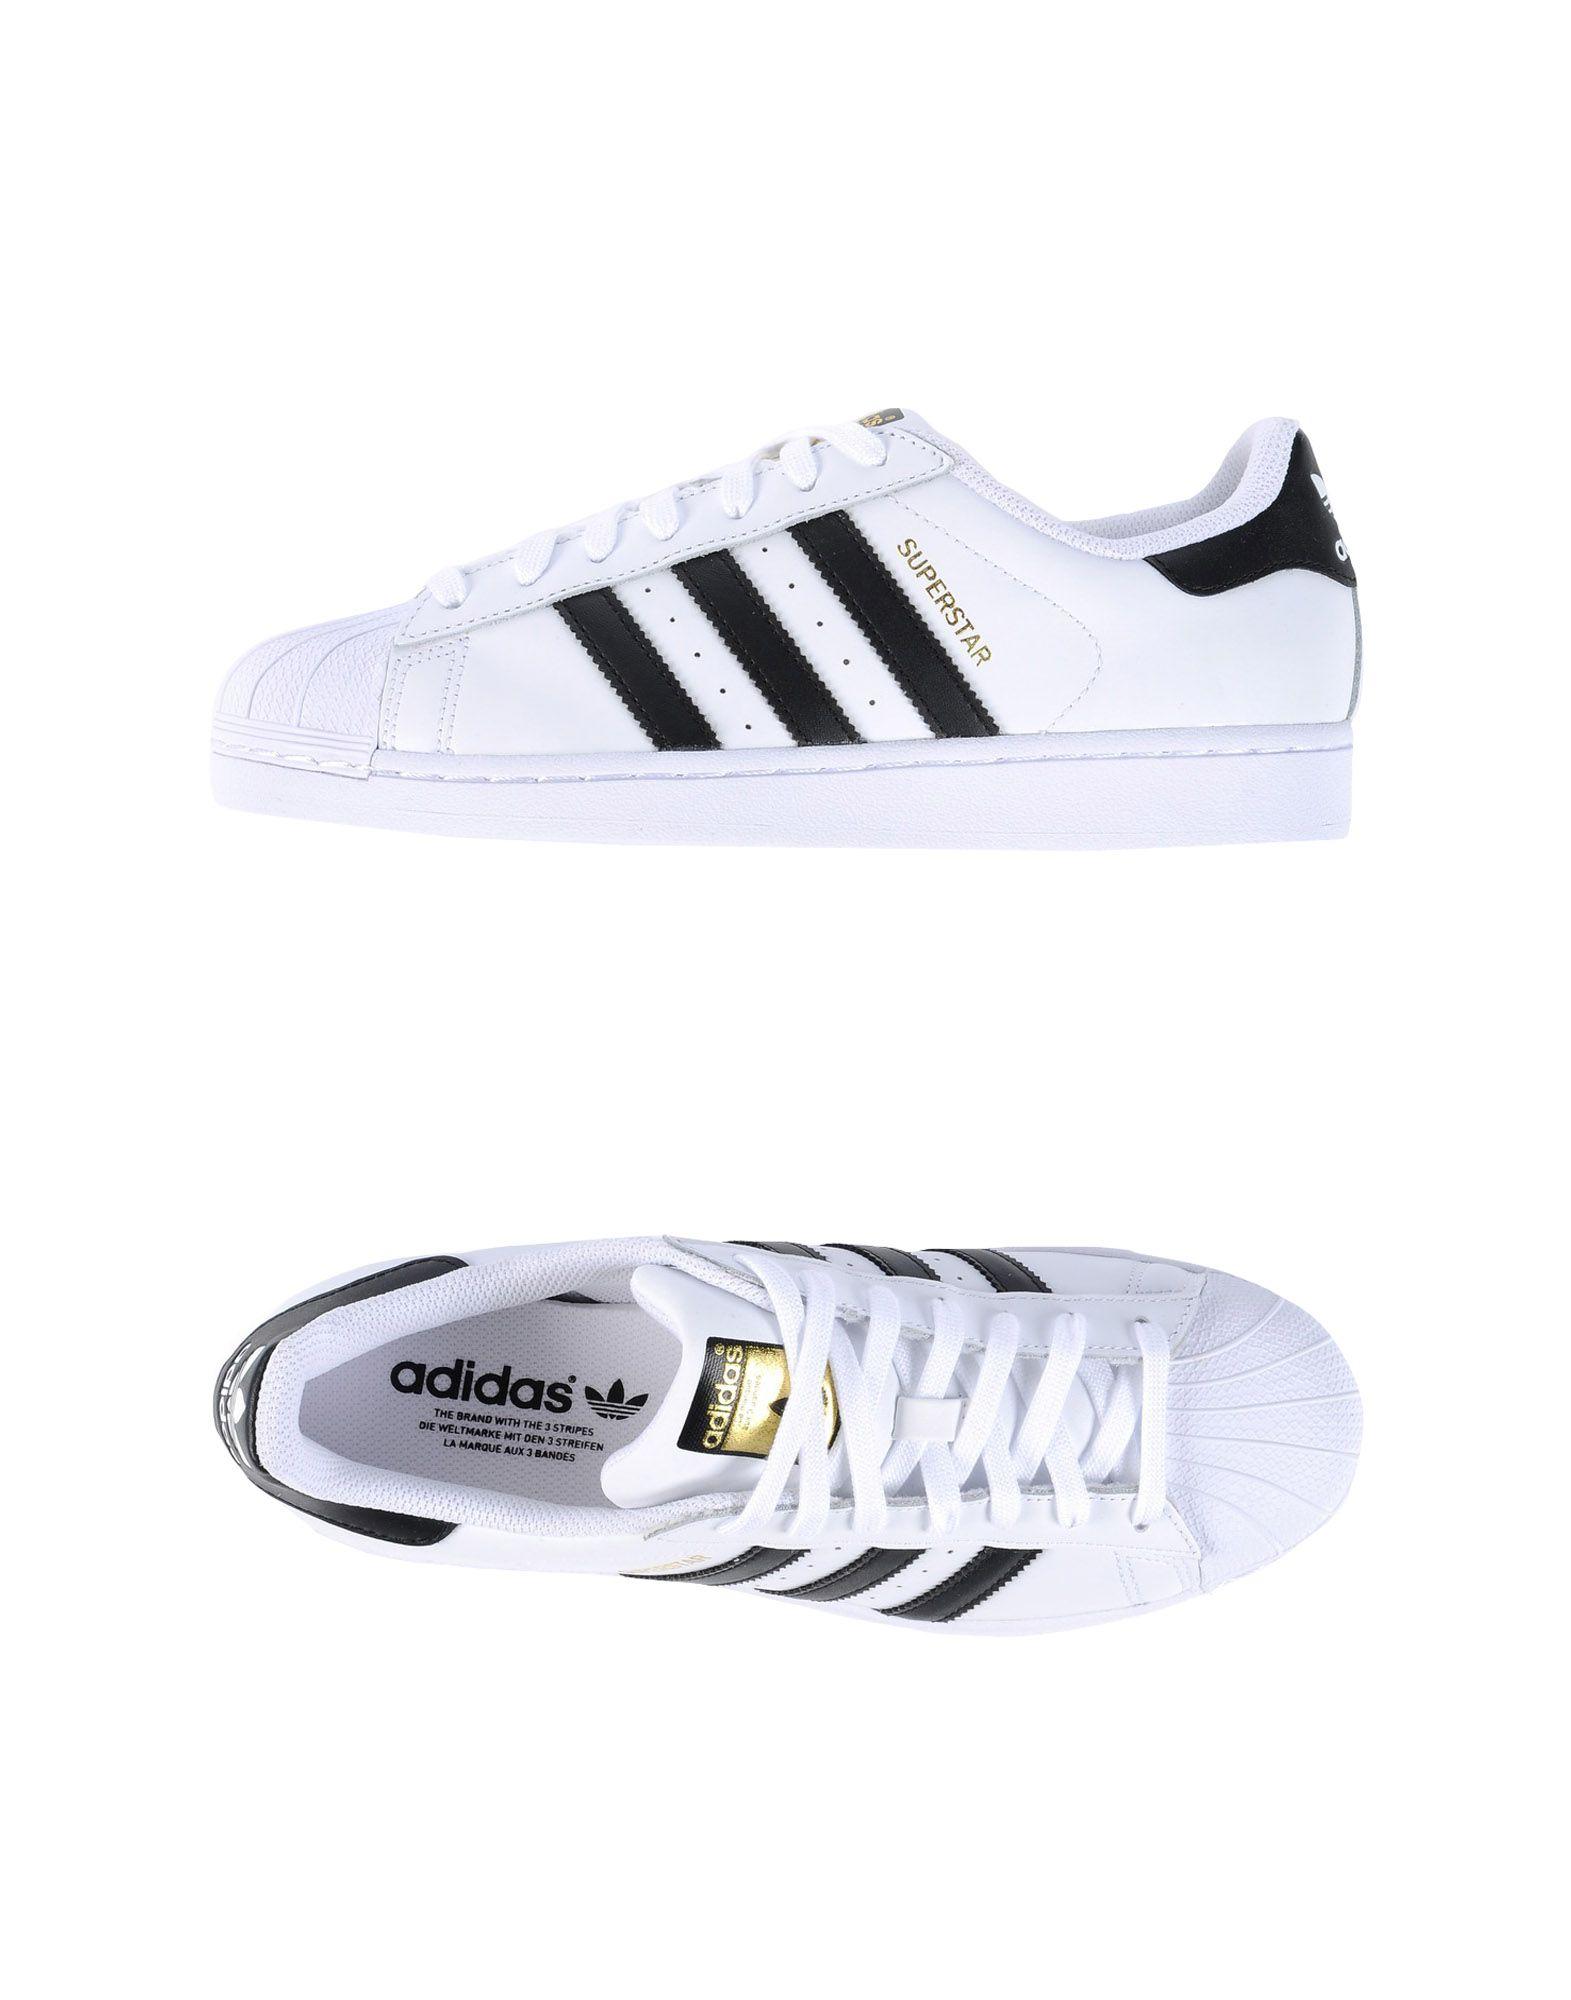 кроссовки adidas кроссовки lite racer w ftwwht ftwwht msilve ADIDAS ORIGINALS Низкие кеды и кроссовки